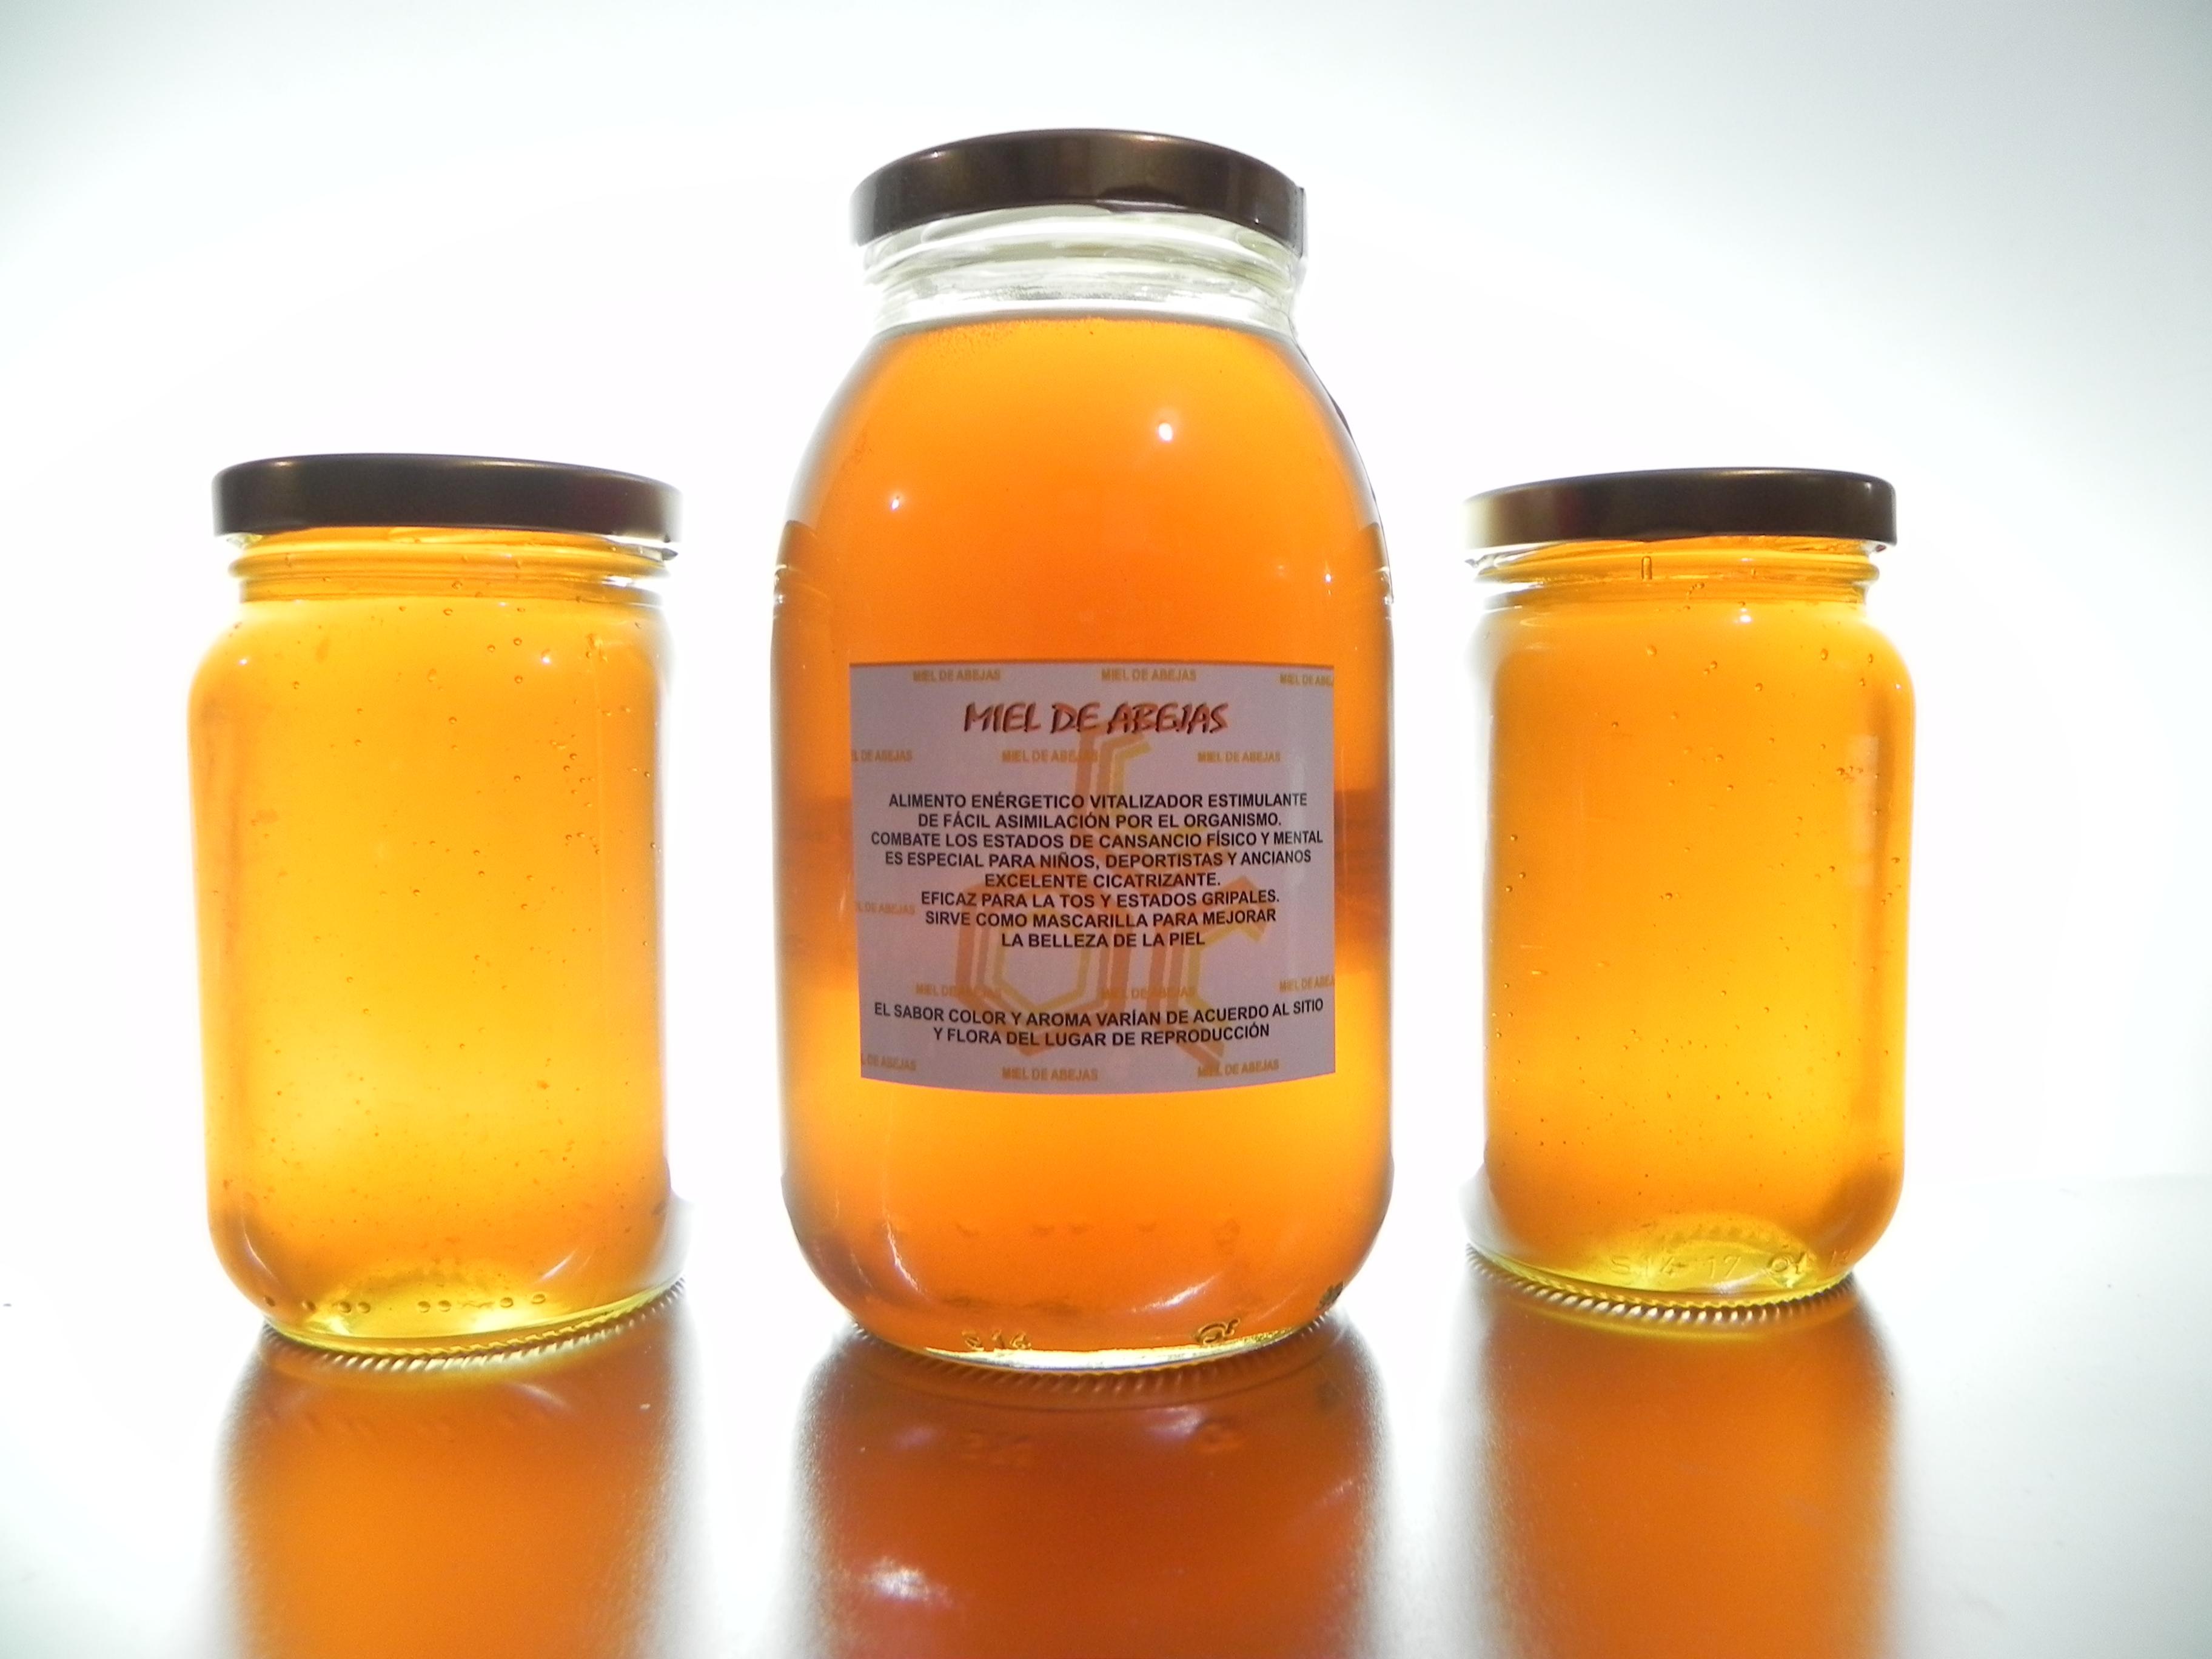 Prueba la miel de abejas es delicios